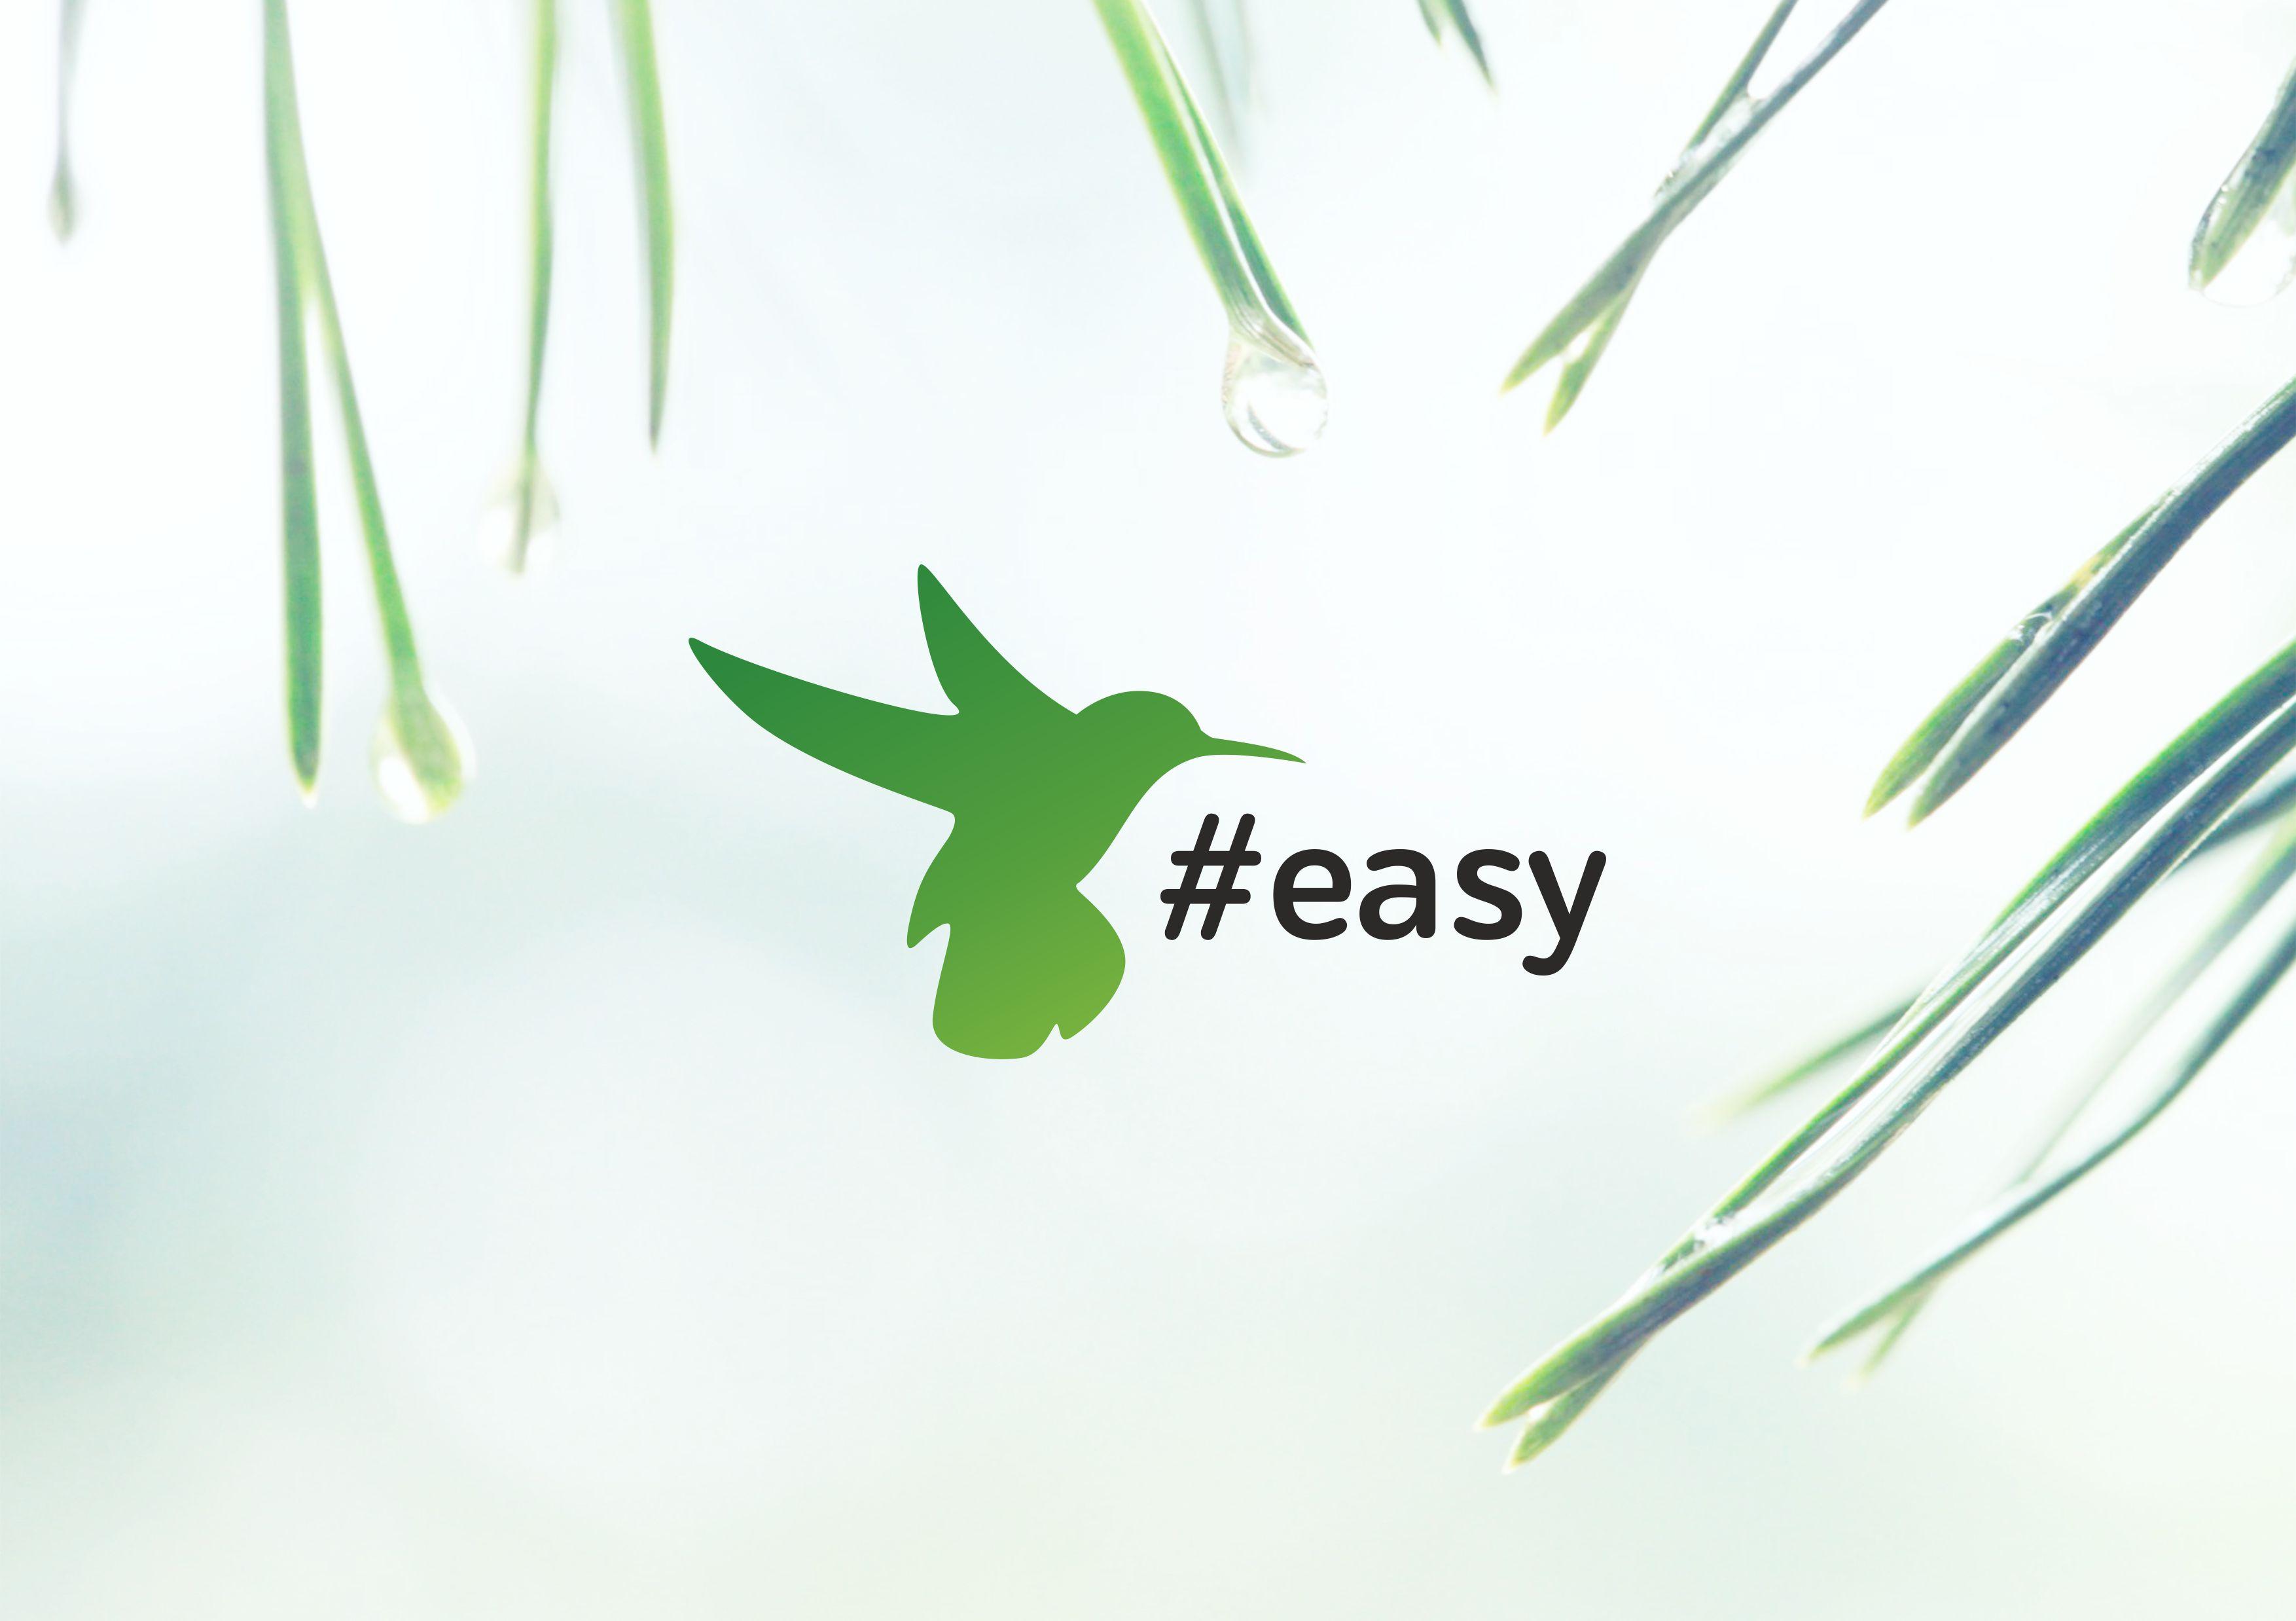 Разработка логотипа в виде хэштега #easy с зеленой колибри  фото f_0675d4dfd5459b6d.jpg